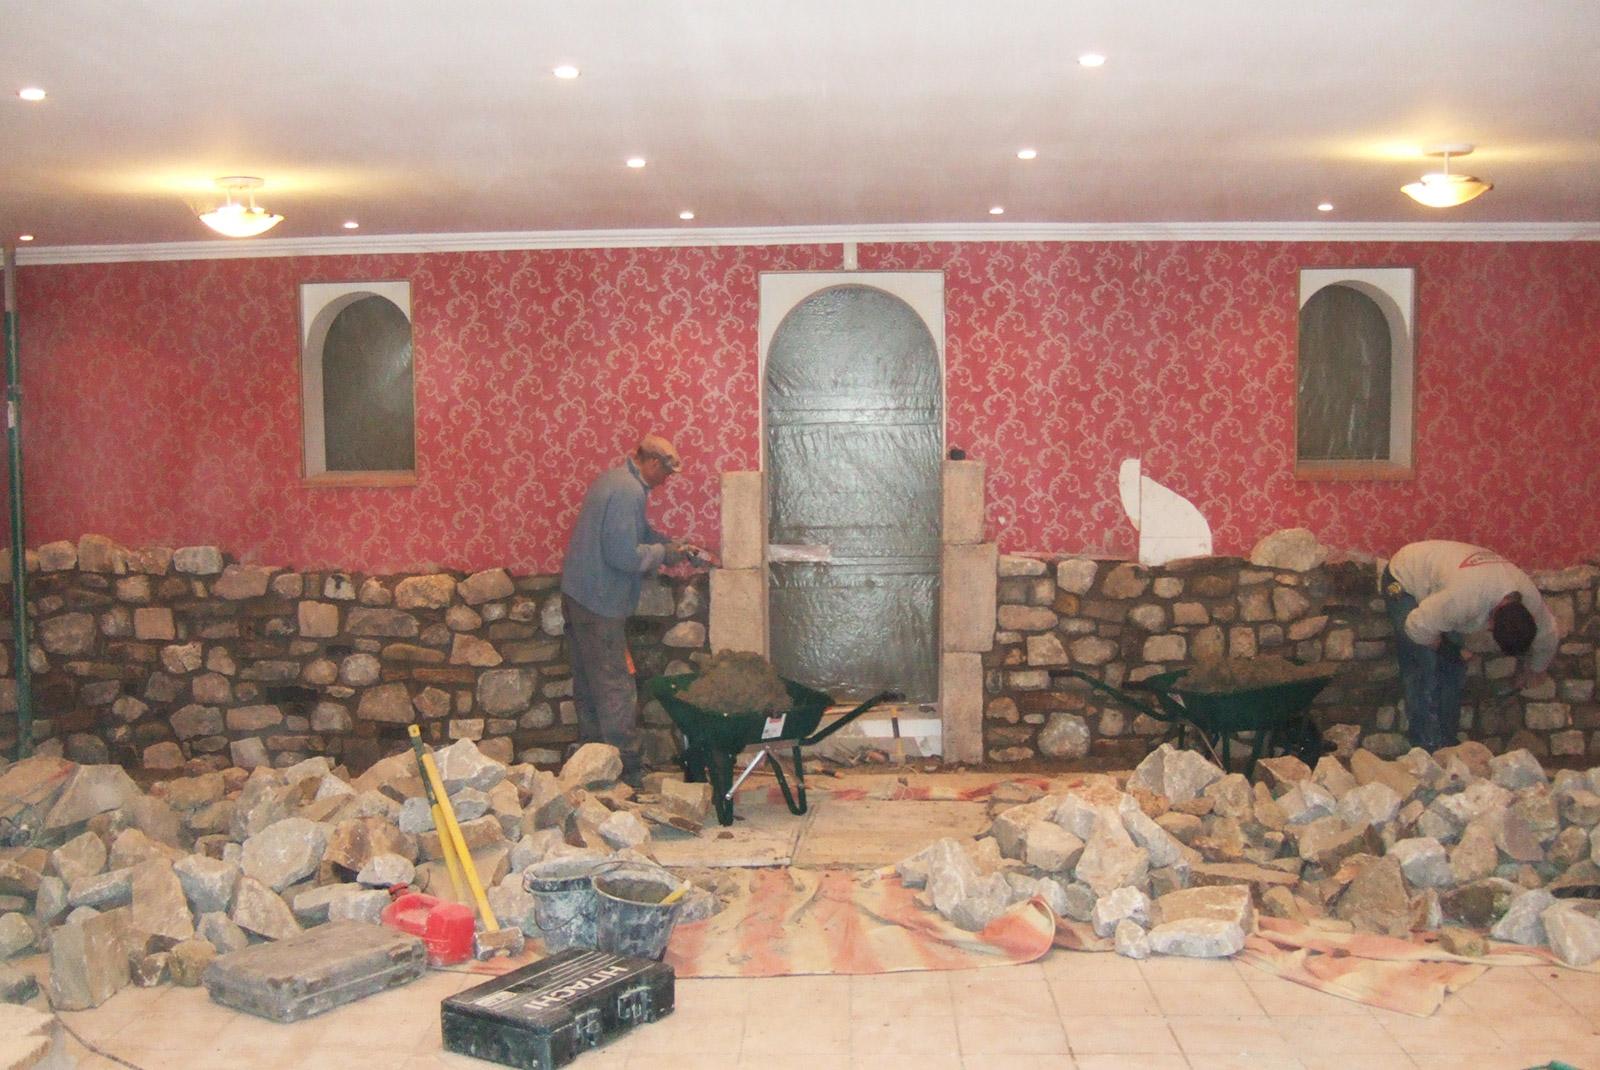 Aménagement d'un mur en pierre